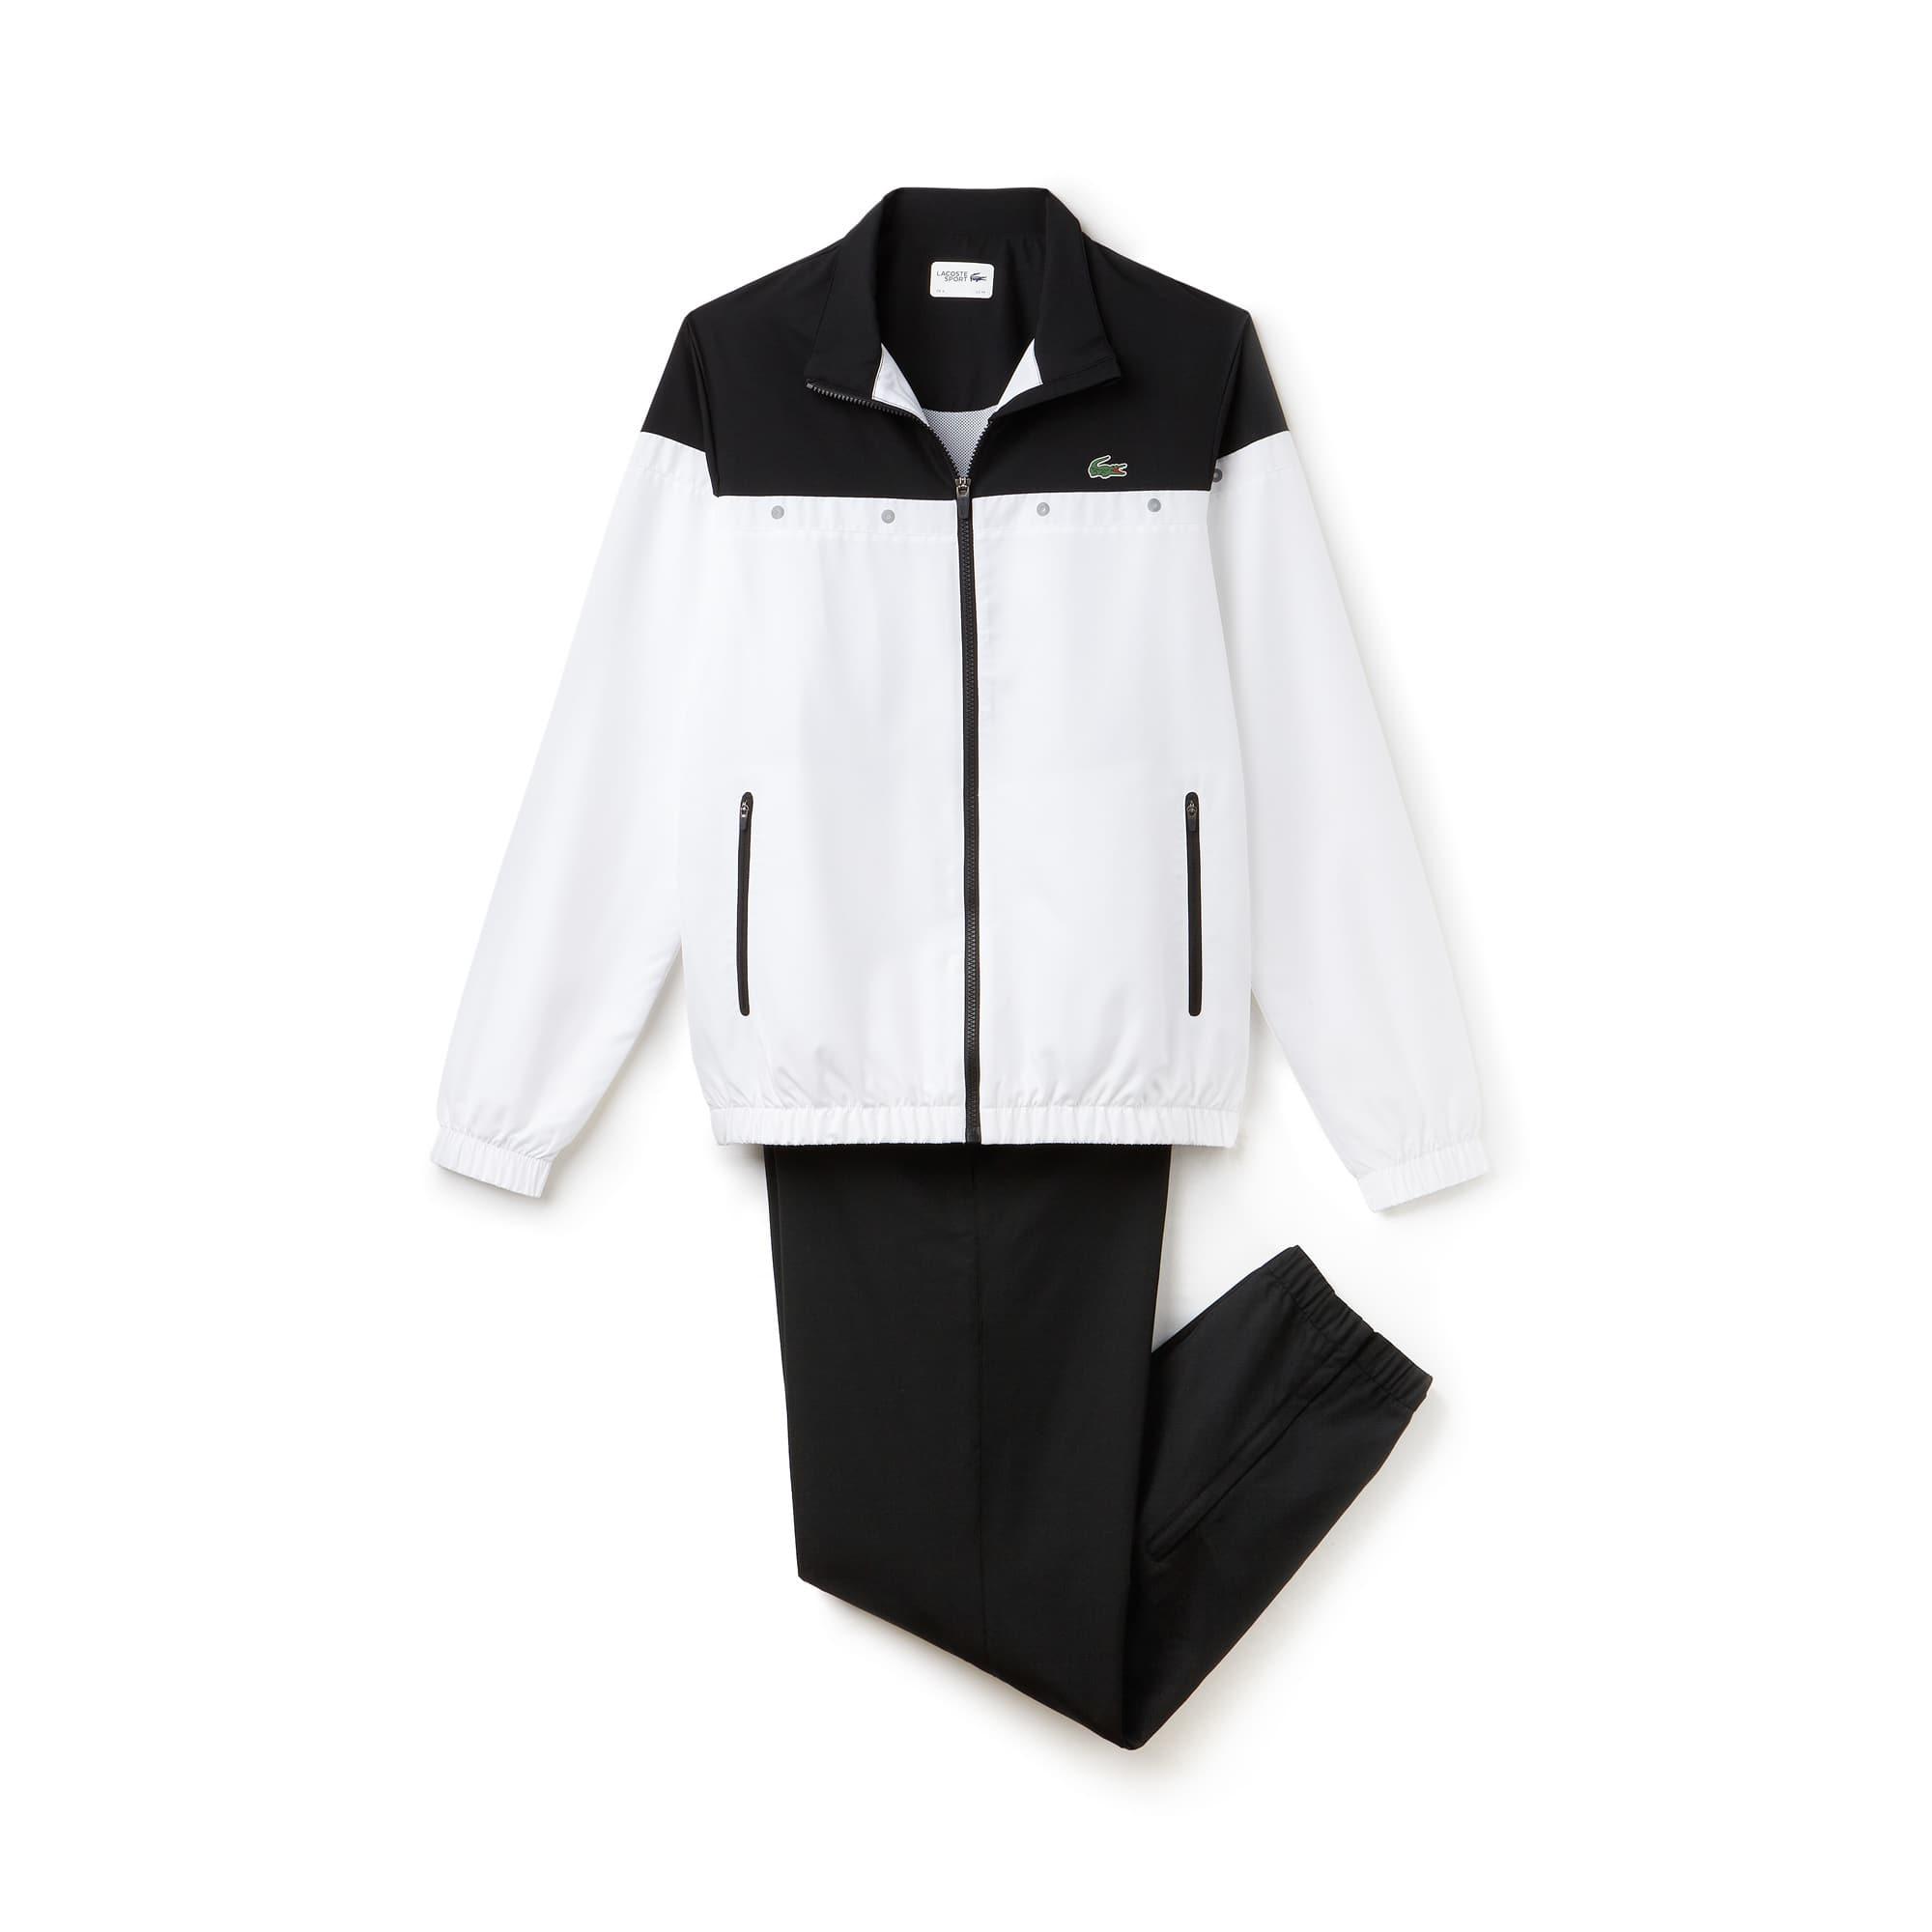 라코스테 스포츠 트랙 수트 Lacoste Mens SPORT Colorblock Tennis Tracksuit,white/black